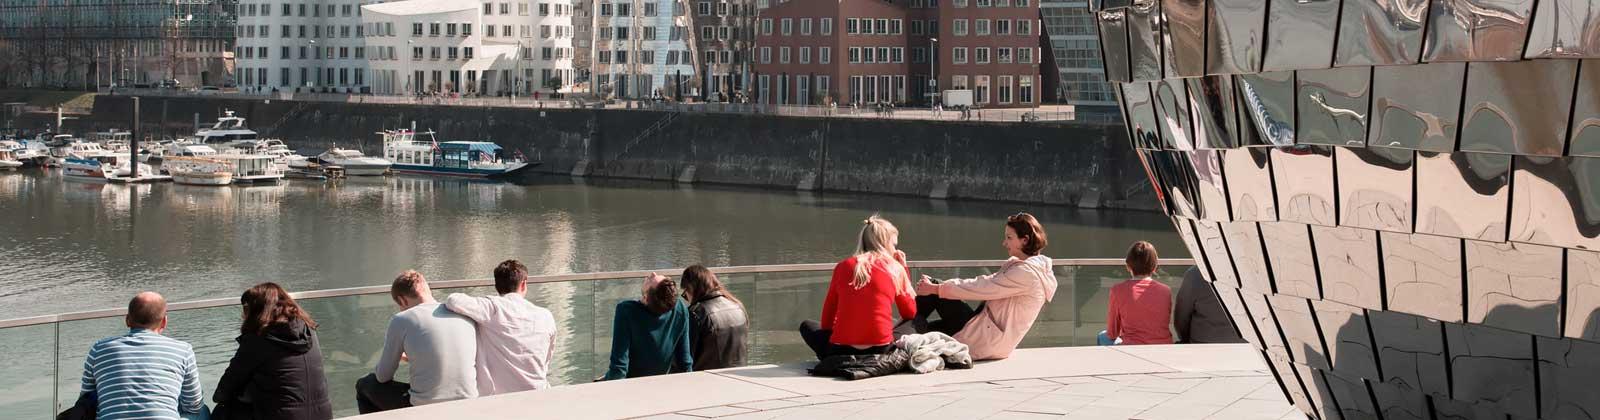 Junge Menschen am Wasser